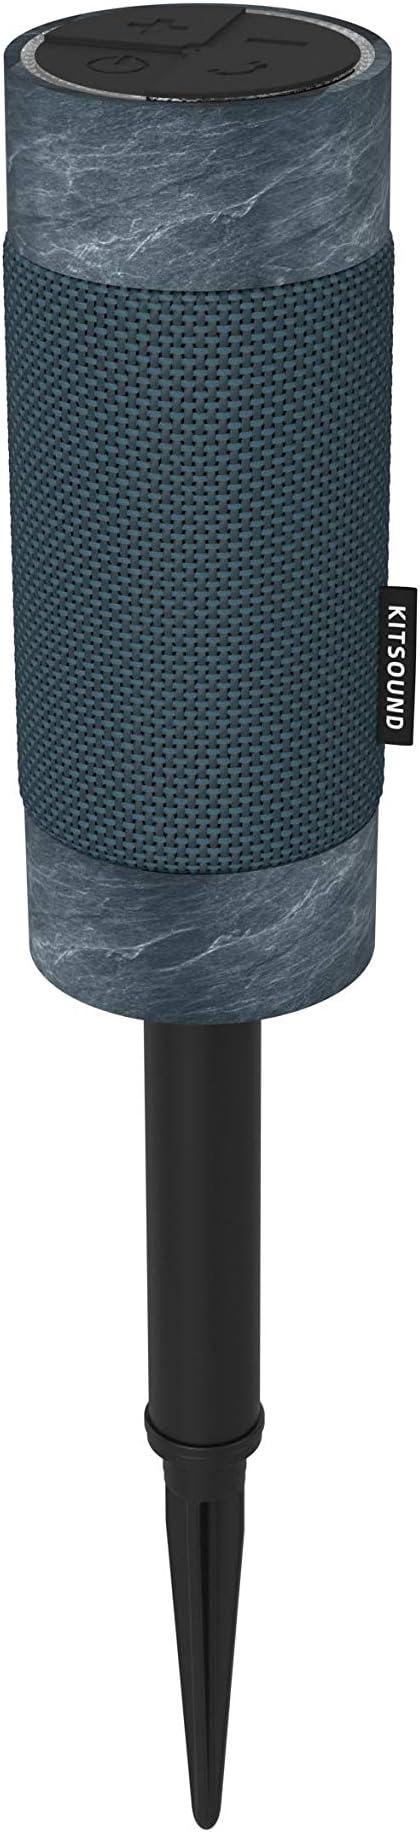 Kitsound Diggit Bluetooth Lautsprecher Für Draußen Marineblau Audio Hifi